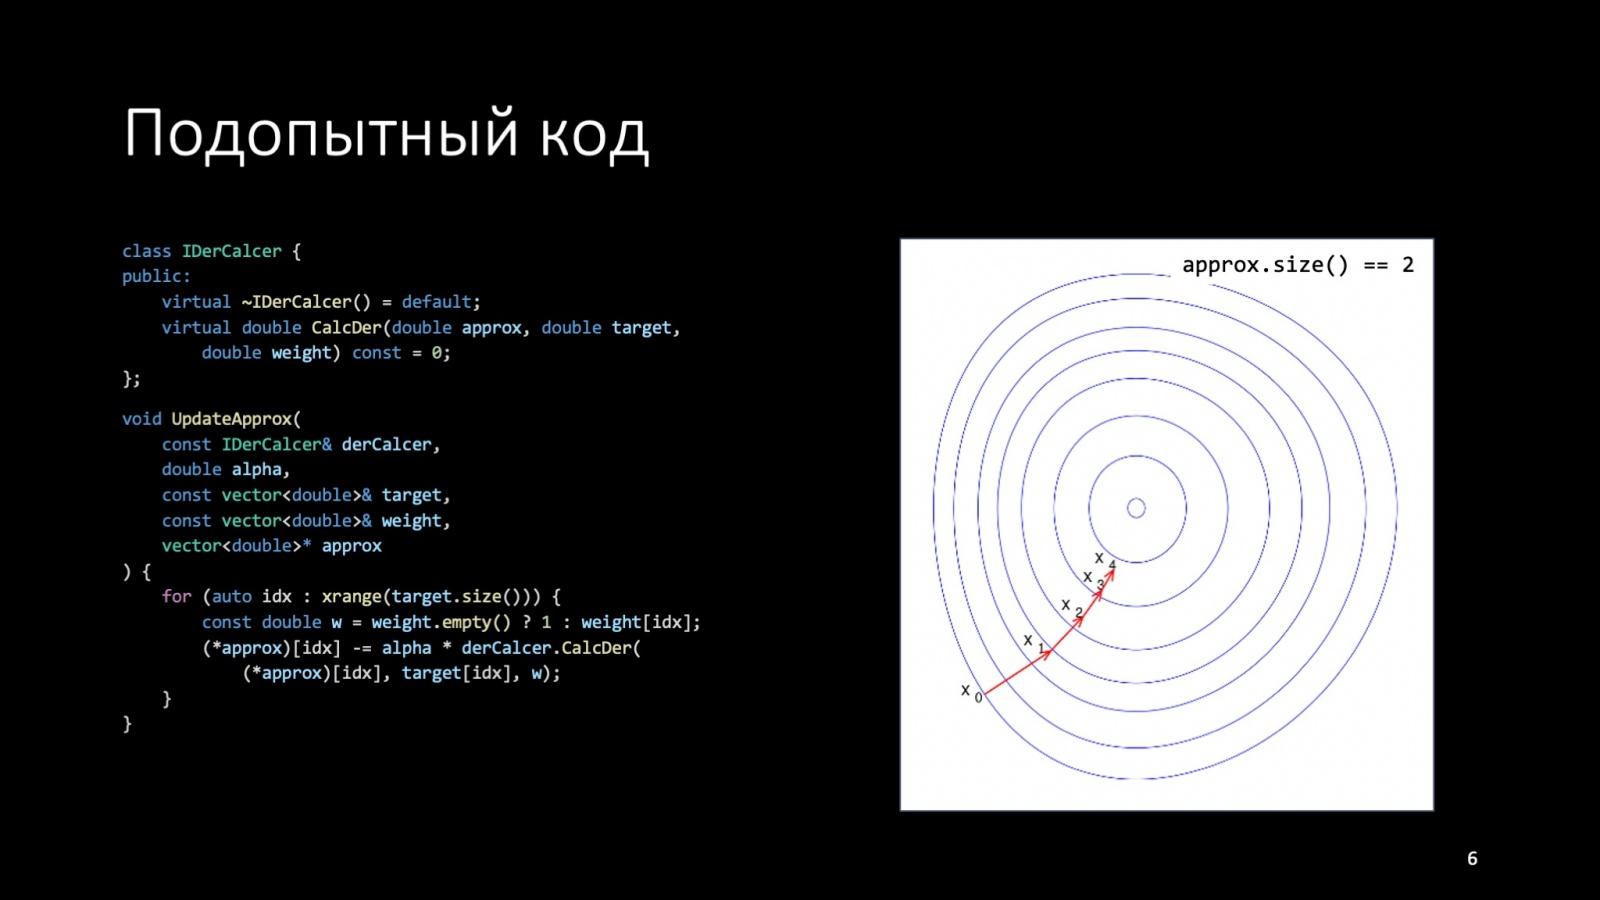 Оптимизация C++: совмещаем скорость и высокий уровень. Доклад Яндекса - 6